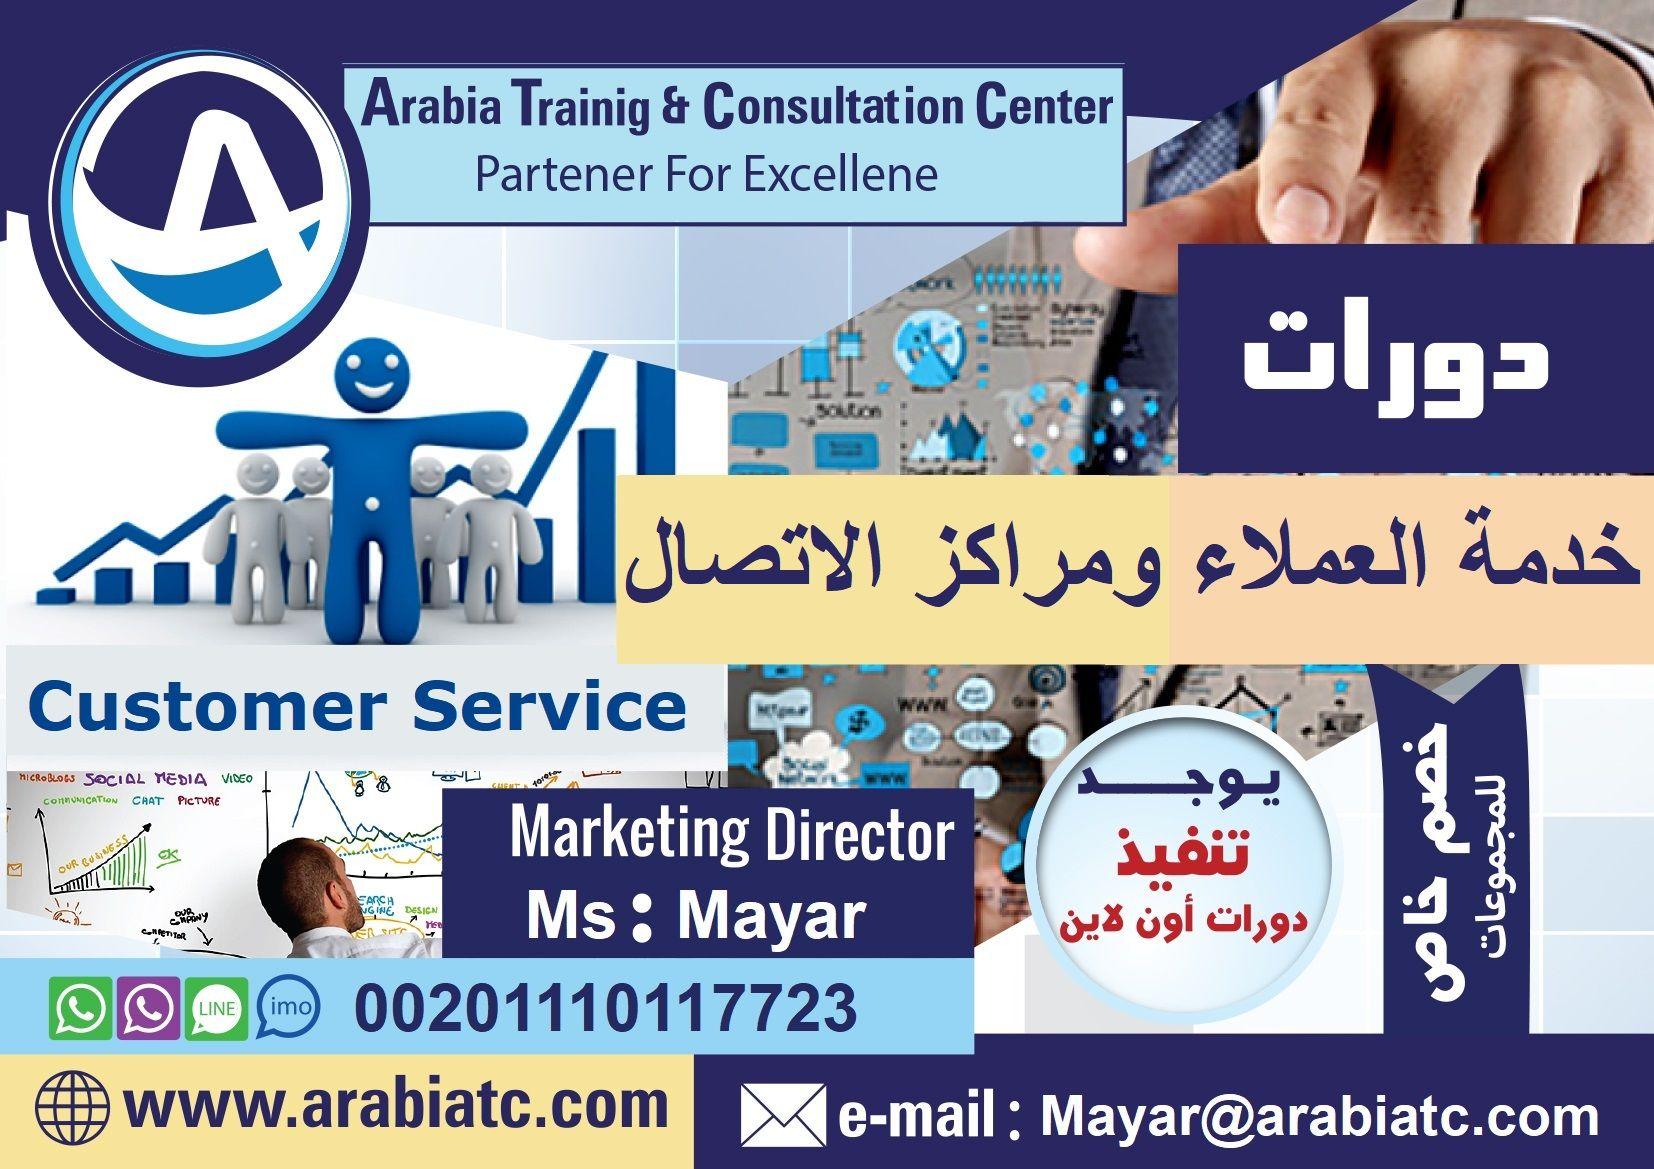 يتشرف مركز ارابيا للتدريب بتقديم اقوى البرامج التدريبية في مجال خدمة العملاء ومراكز الاتصال موق Customer Service Marketing Marketing Director Training Center